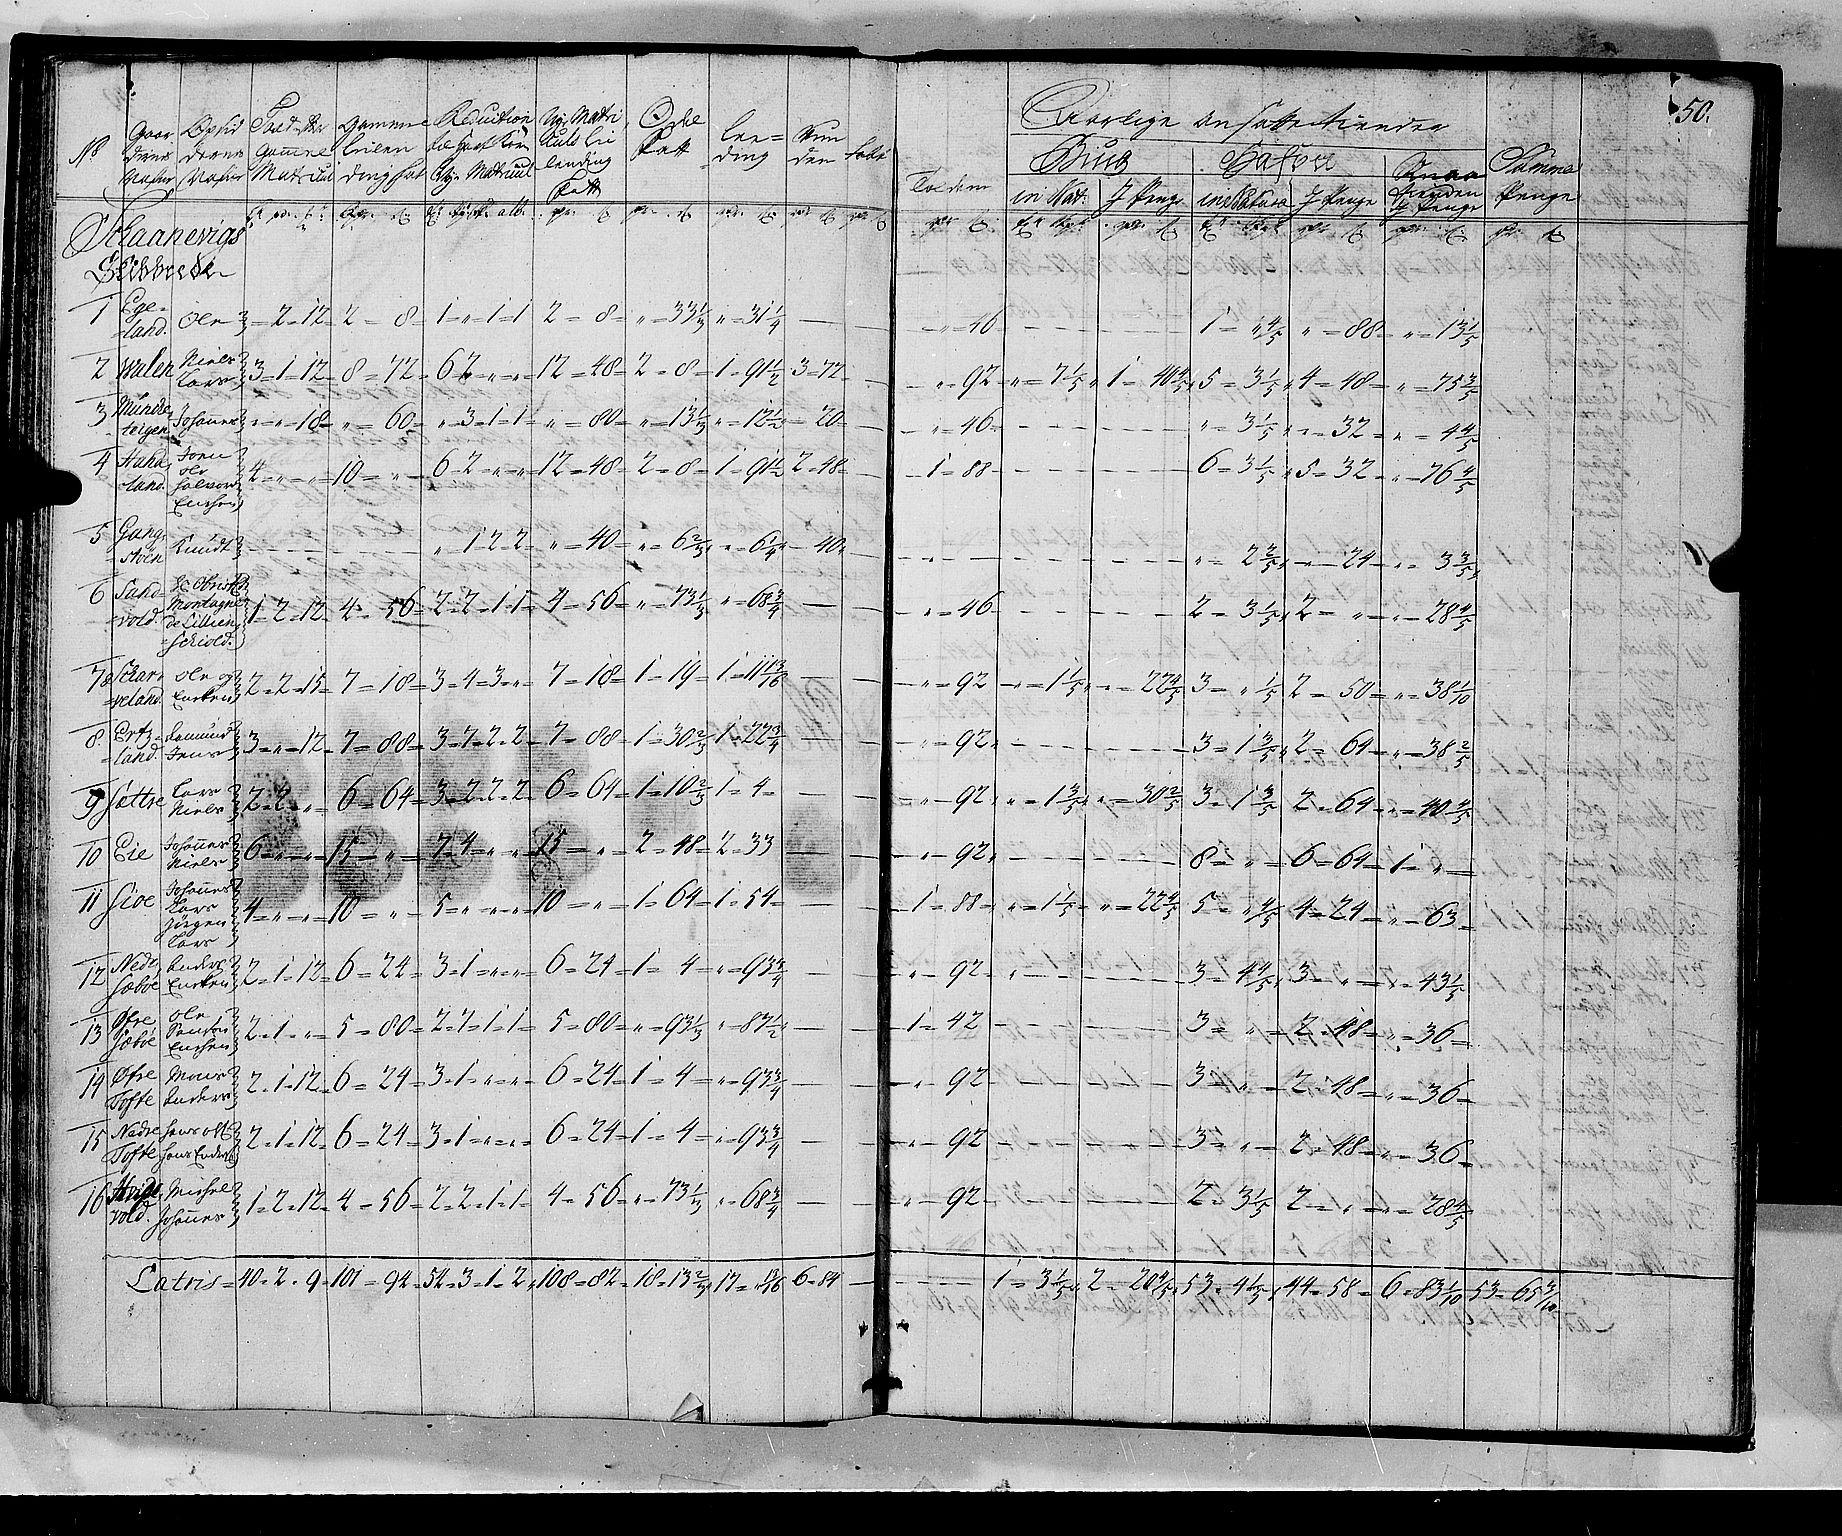 RA, Rentekammeret inntil 1814, Realistisk ordnet avdeling, N/Nb/Nbf/L0135: Sunnhordland matrikkelprotokoll, 1723, s. 49b-50a